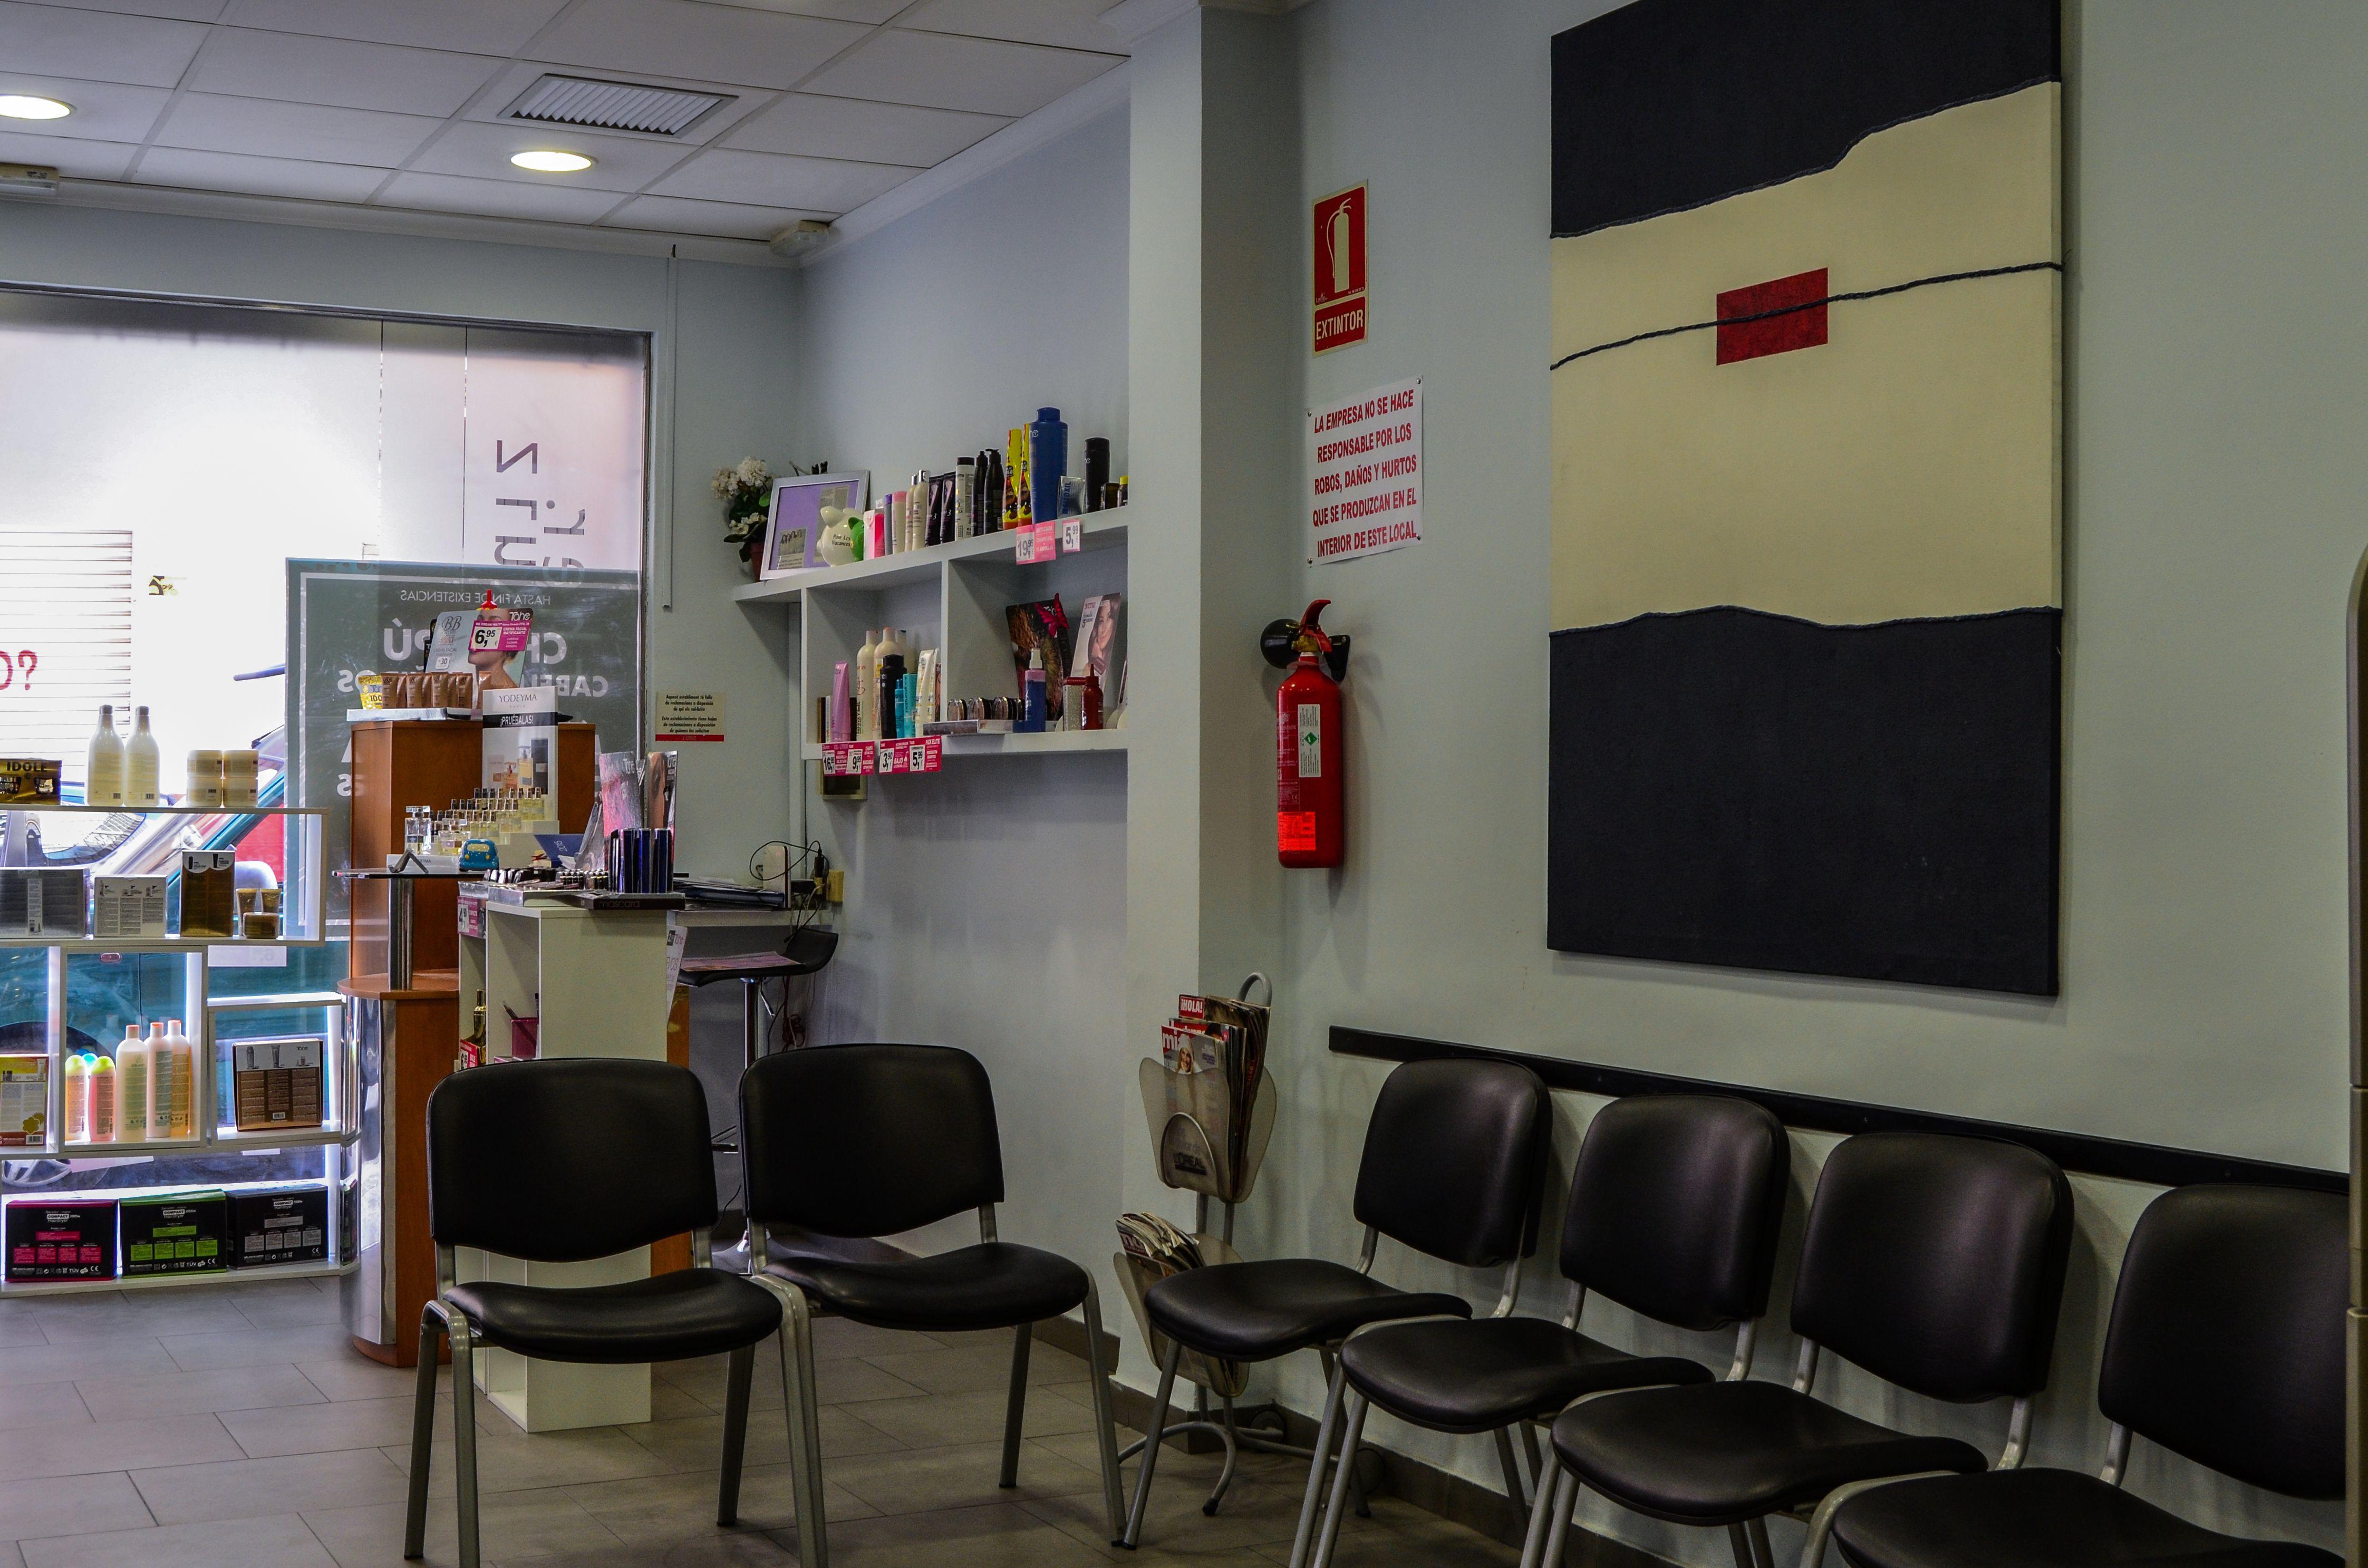 Foto 5 de Peluquería mujer-hombre en Valencia | Esther Ruiz Peluquería y Estética